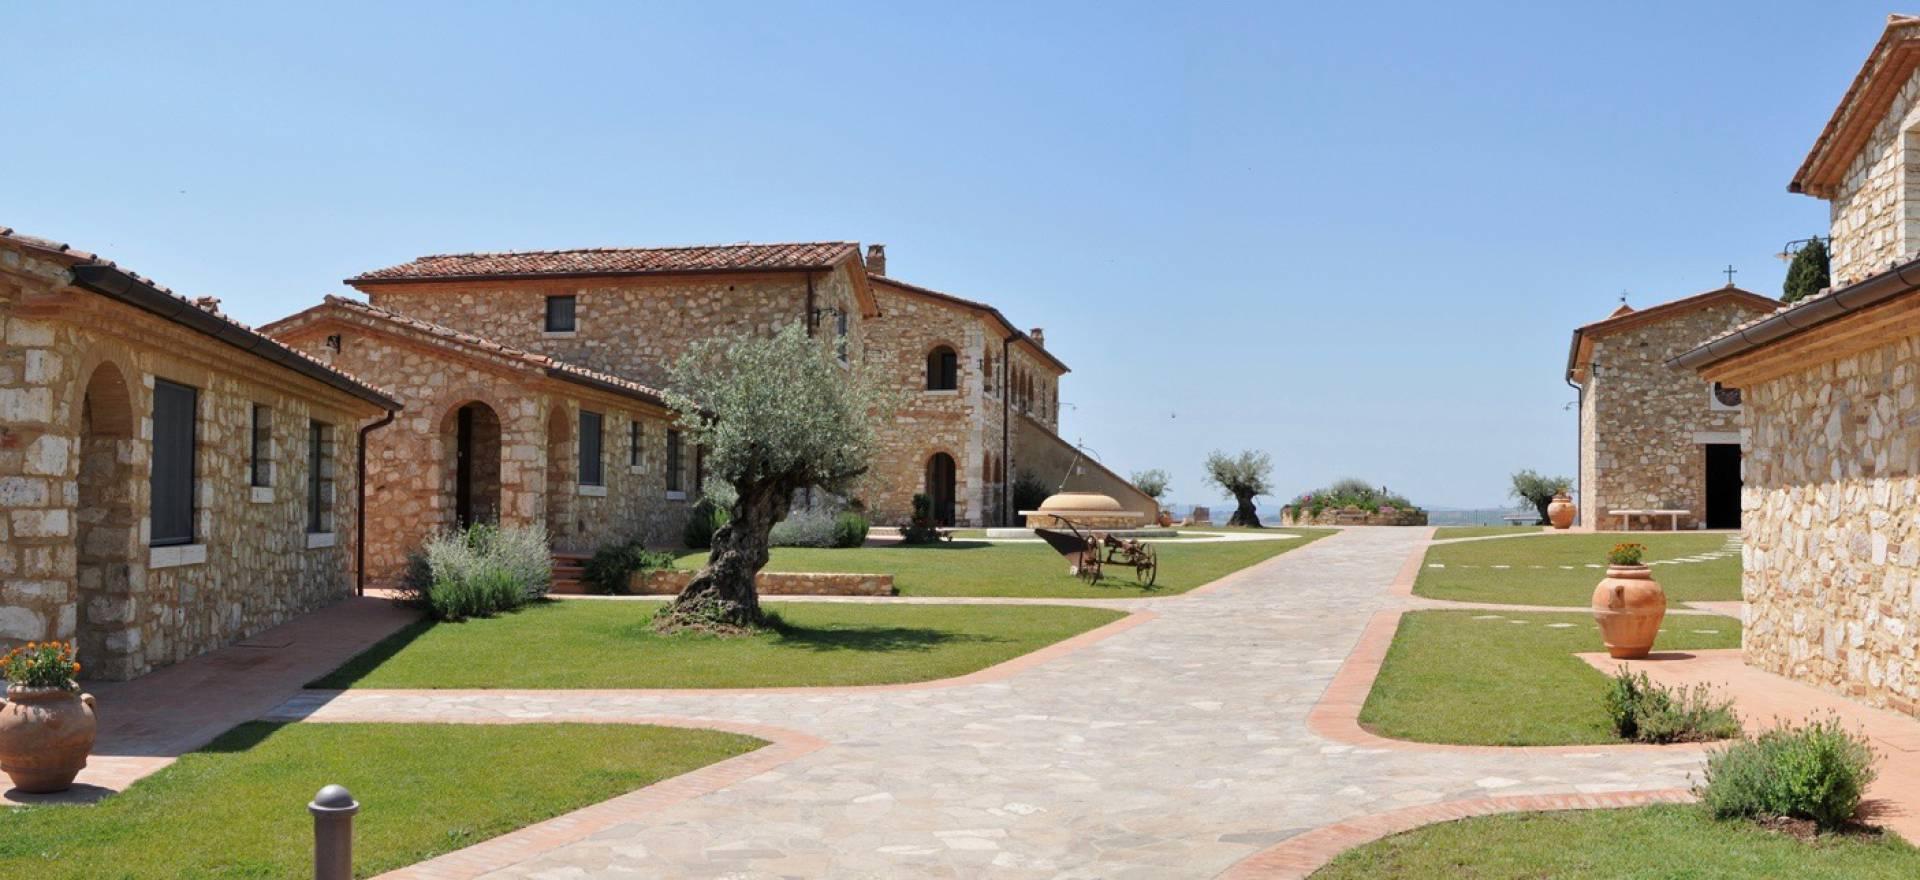 Agriturismo Toscane Prachtige olijfolieboerderij ten oosten van Siena